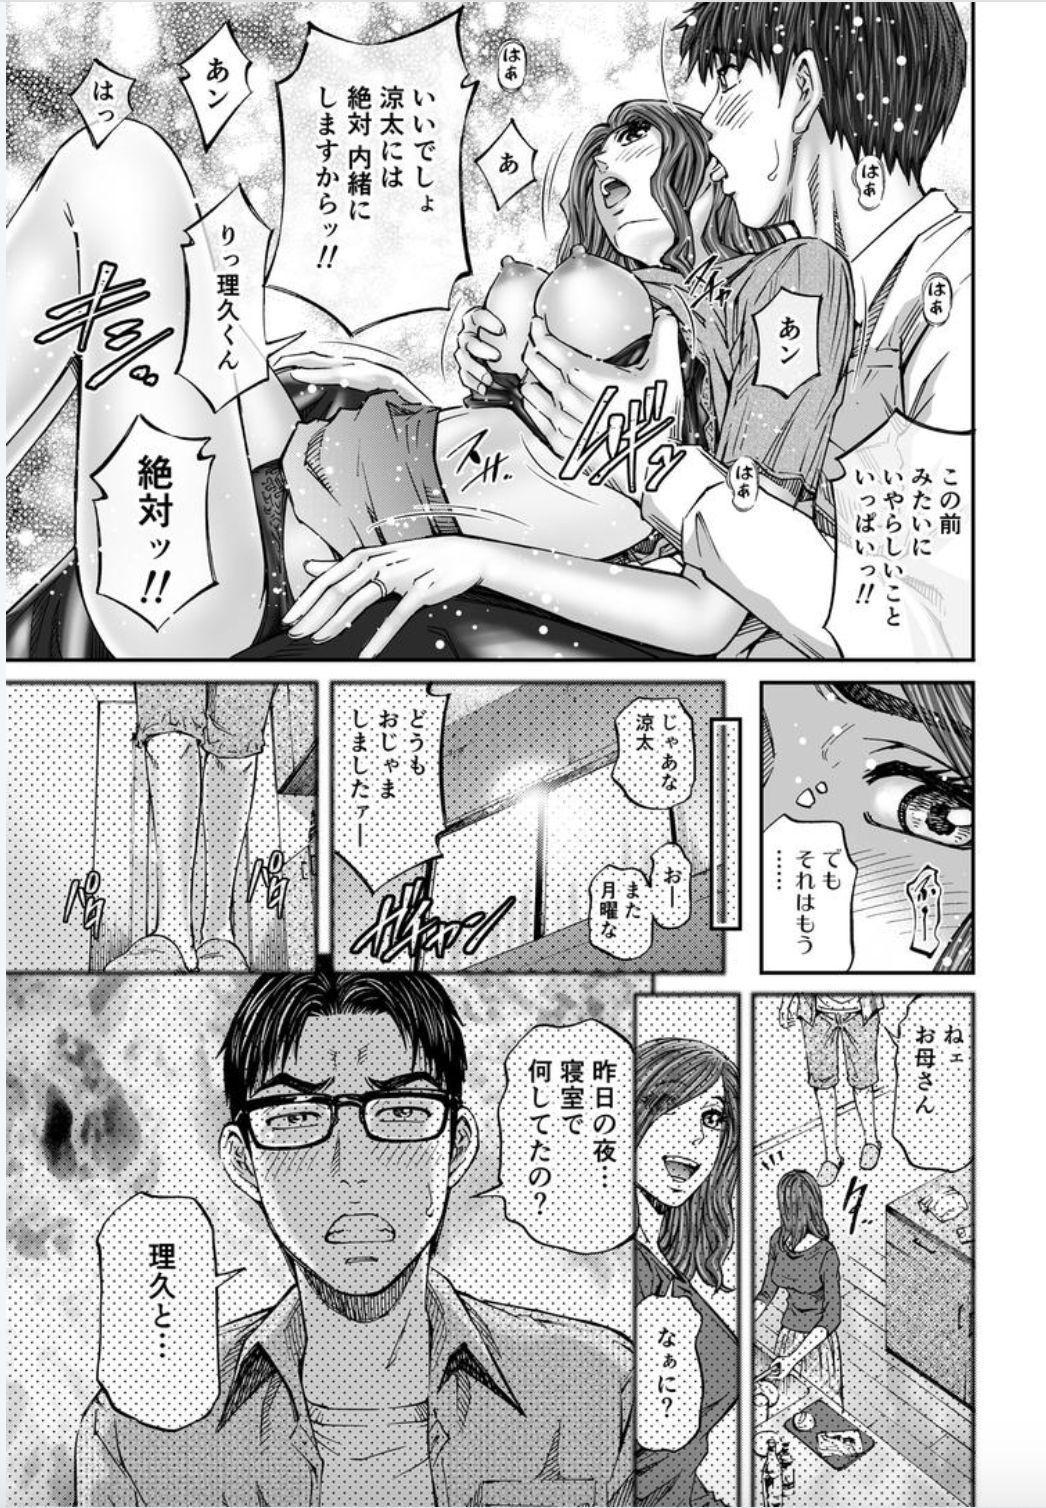 Seisyoku Dance Hitodzuma no chitsueki ni mamirete 1-2 81